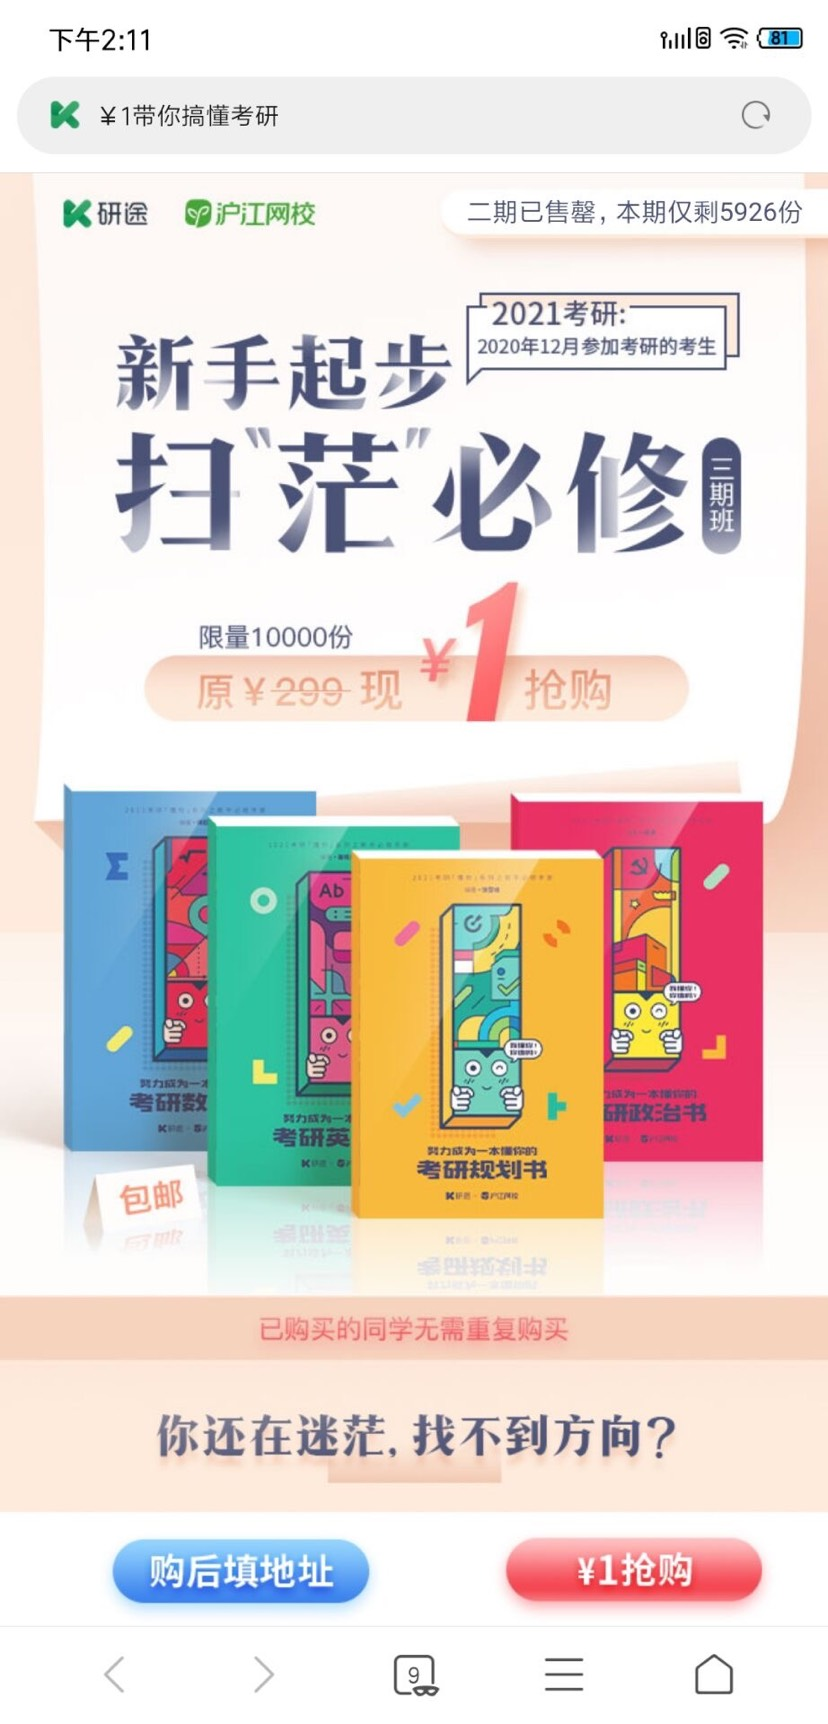 【撸实物】1元撸考研资料-www.im86.com